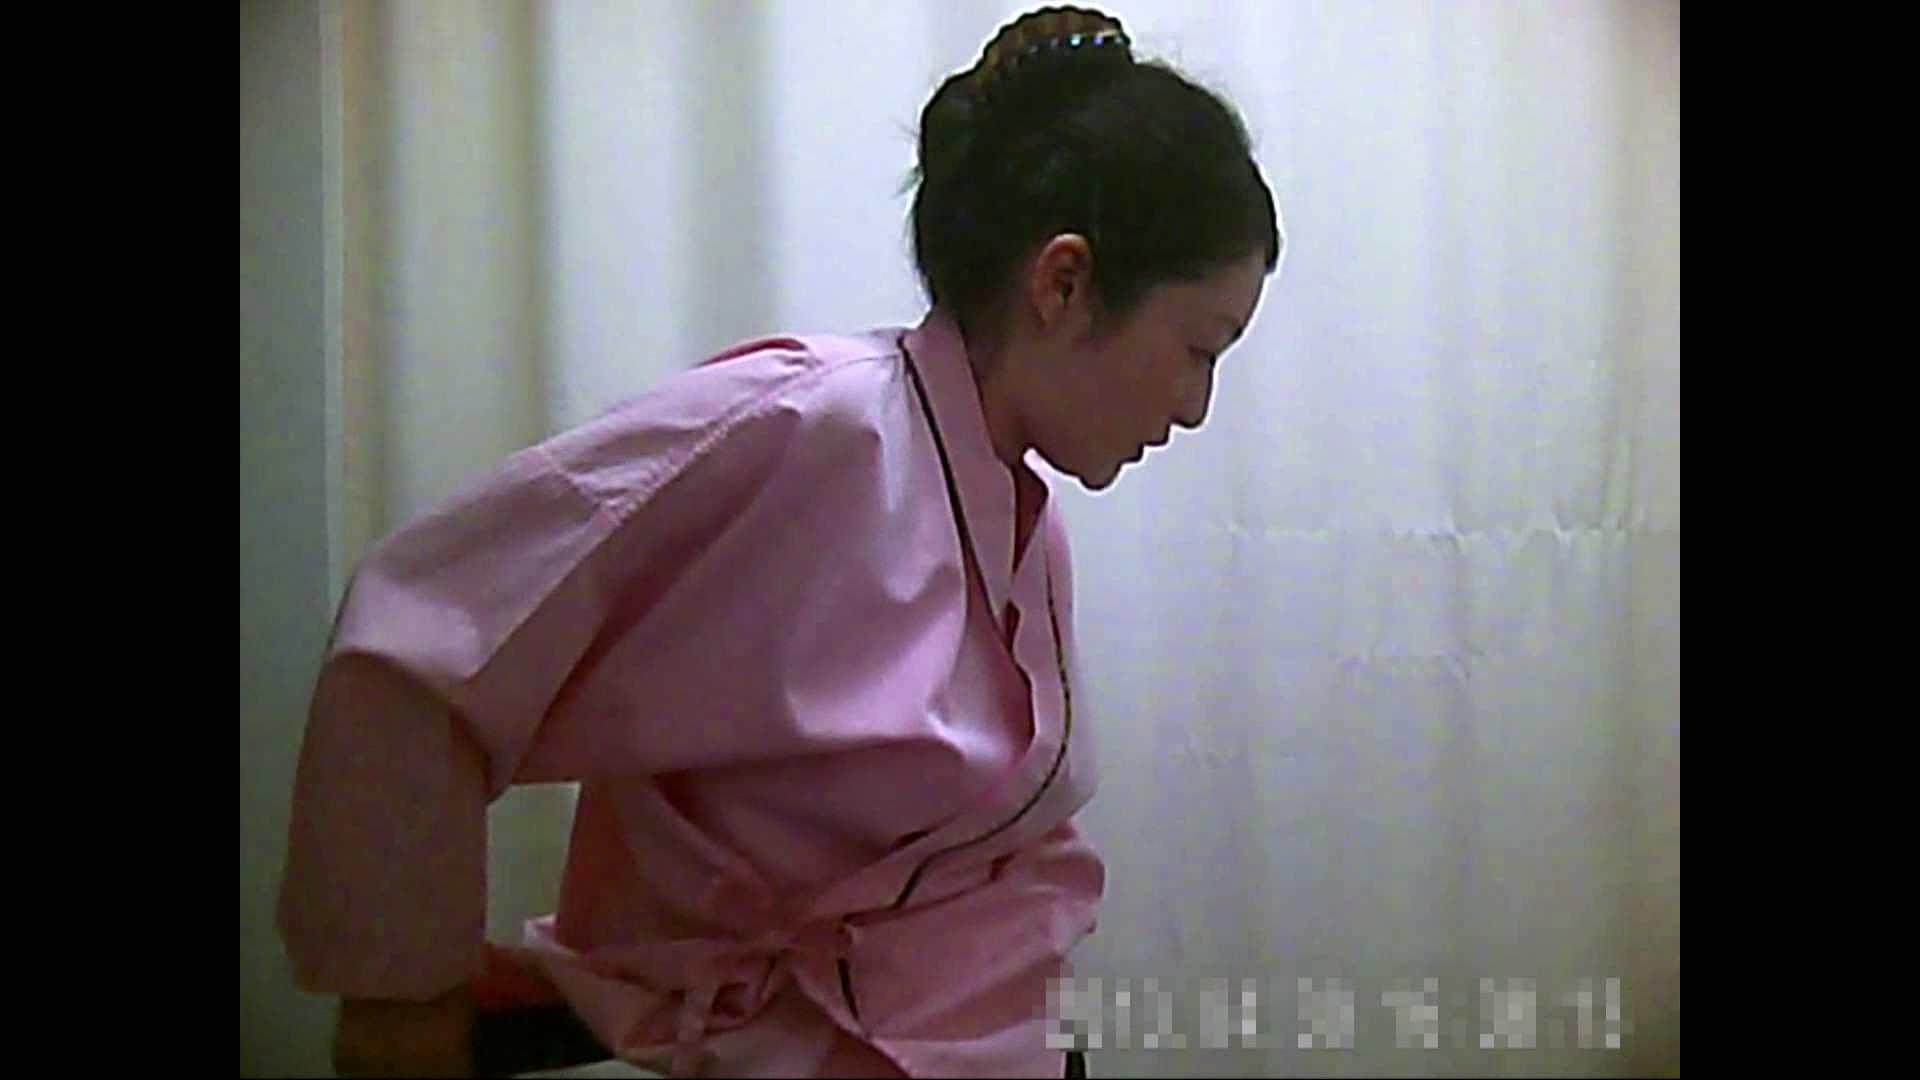 病院おもいっきり着替え! vol.206 美女OL オマンコ動画キャプチャ 95連発 30